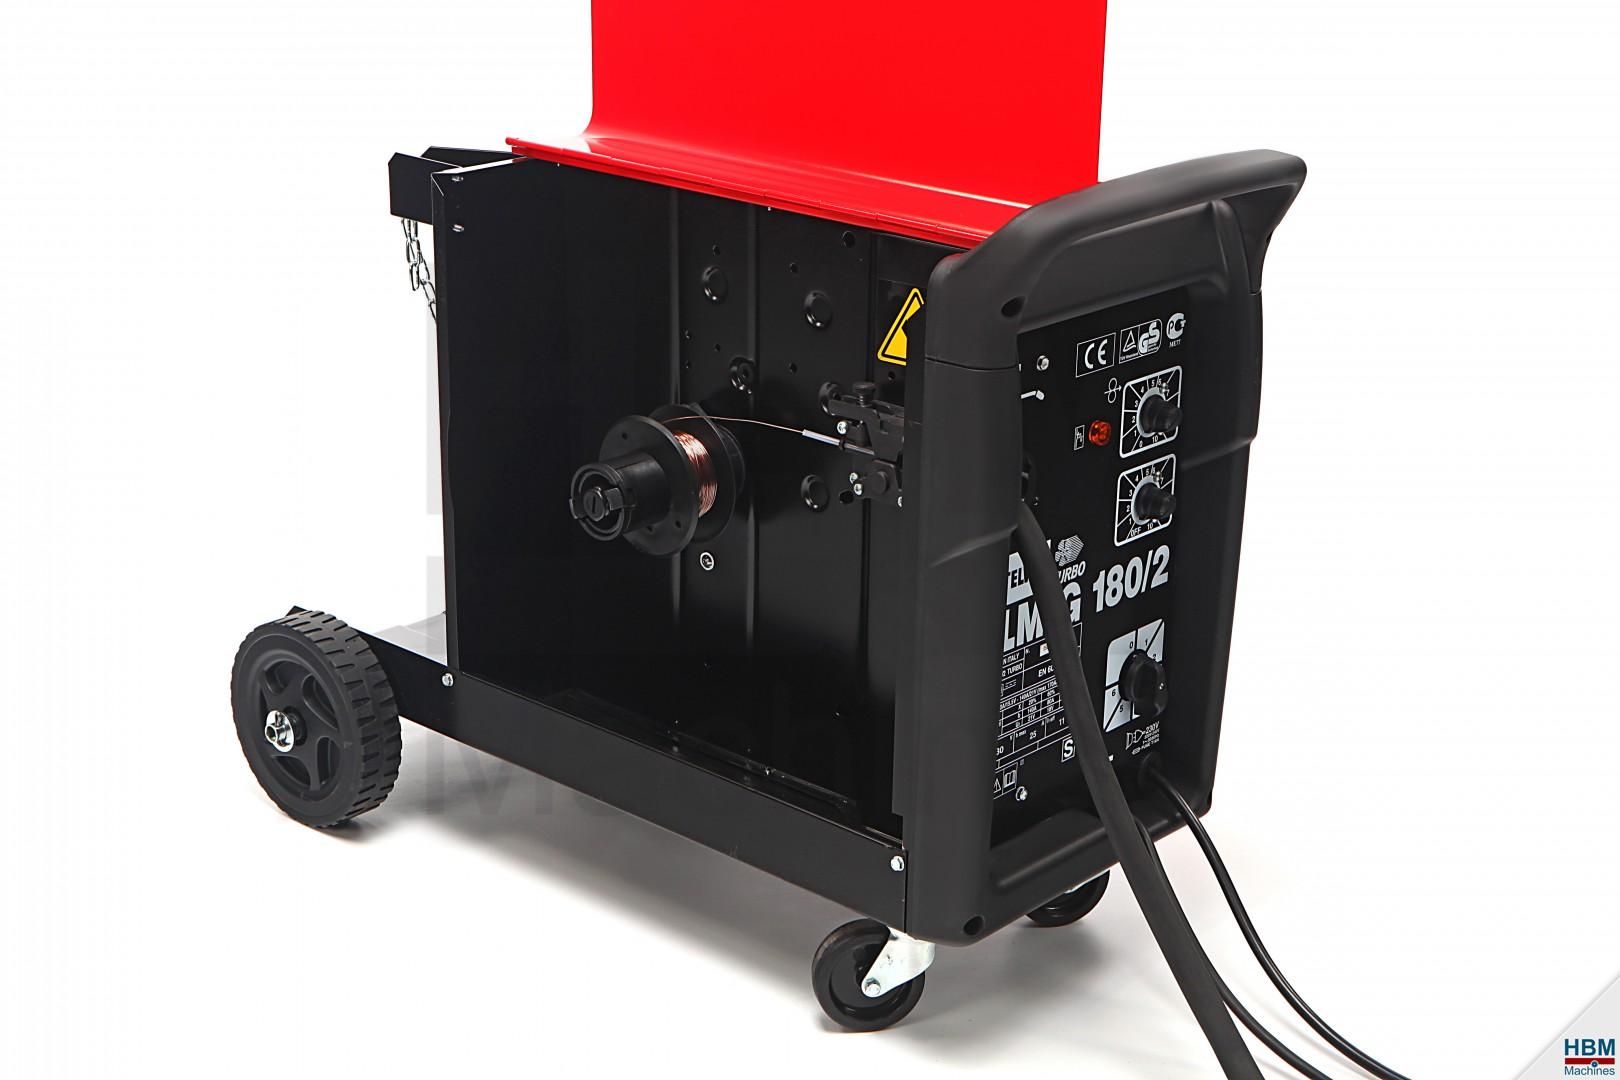 Telwin telmig 180 2 turbo hbm machines - Machine de fabrication de treillis a souder ...